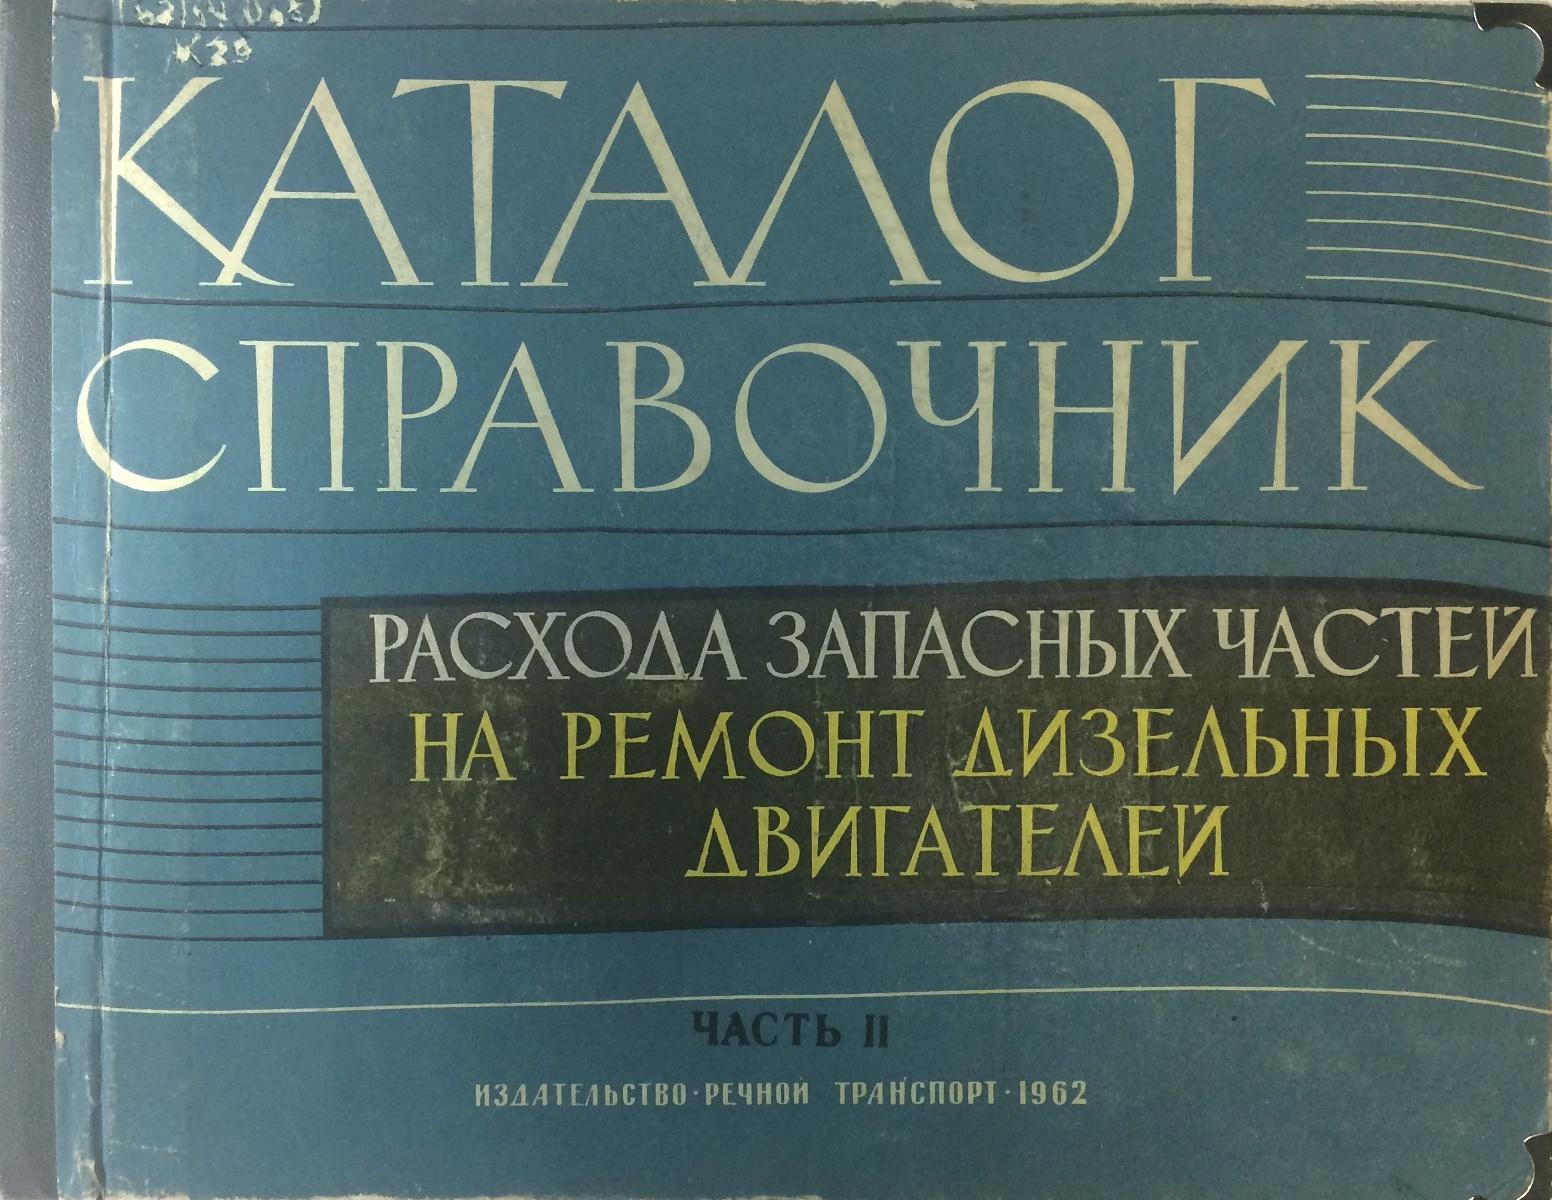 Каталог-справочник расхода запасных частей на ремонт дизельных двигателей. Часть II